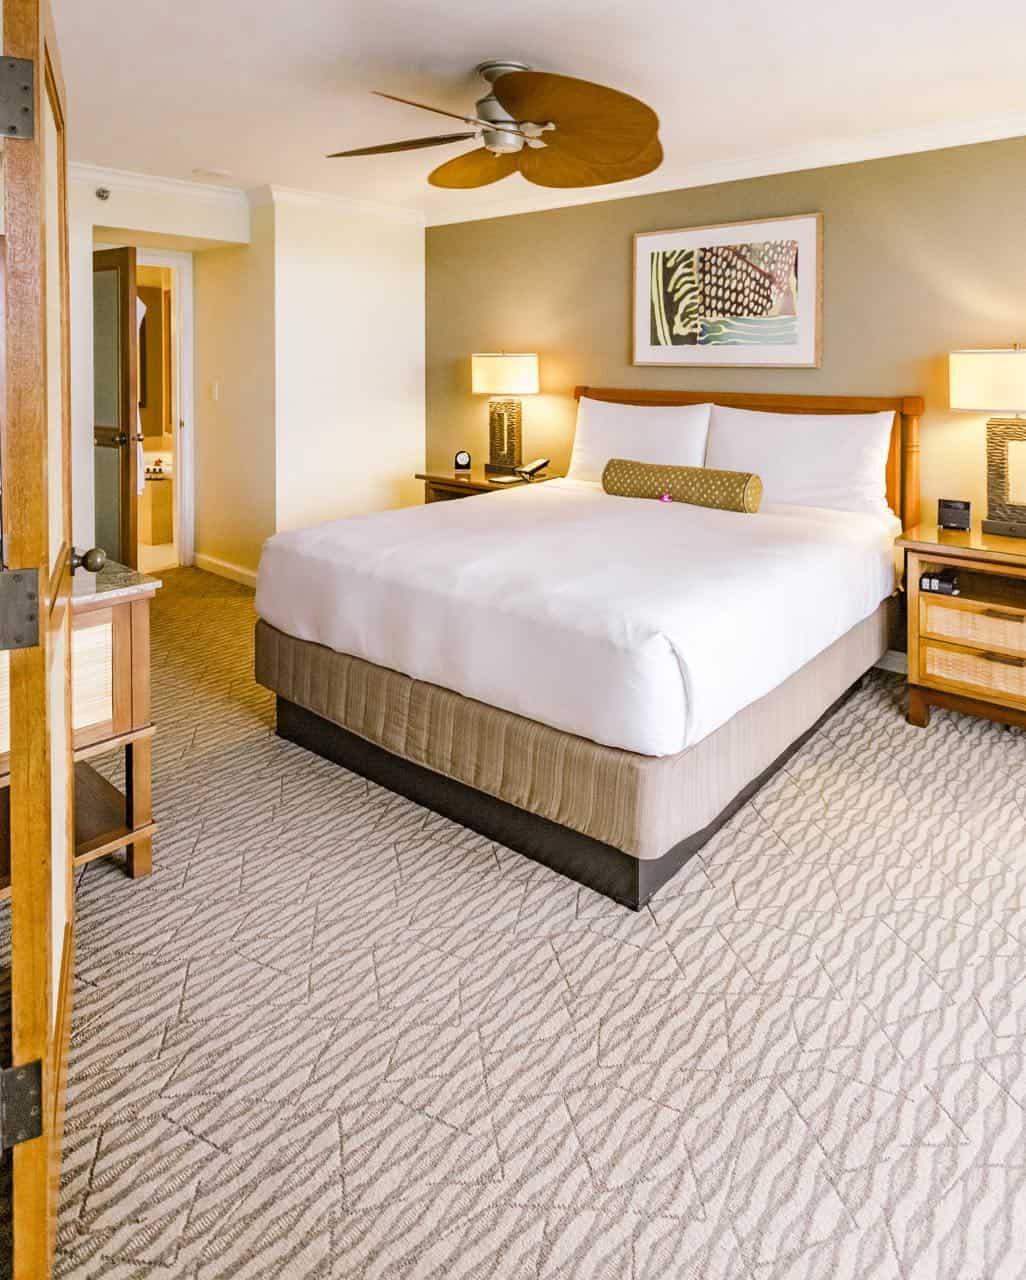 Suite at the Fairmont Maui